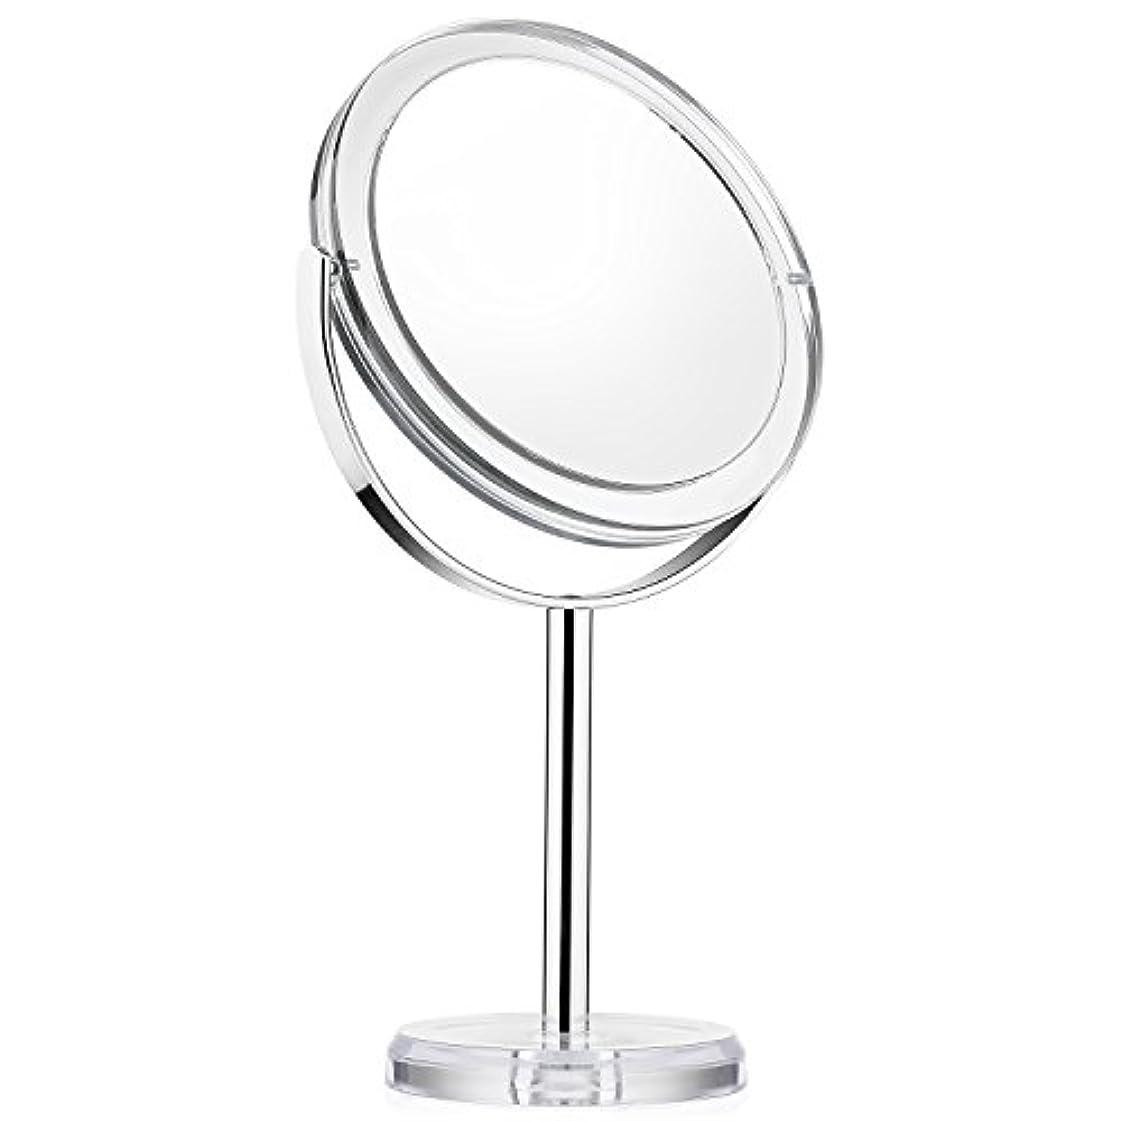 リボンそれからトレード化粧ミラー Beautifive 鏡 卓上 化粧鏡 メイクミラー 卓上ミラー スタンドミラー卓上 等倍卓上両面鏡 卓上鏡 7倍拡大スタンドミラー 360°回転可 光学レズン高解像度